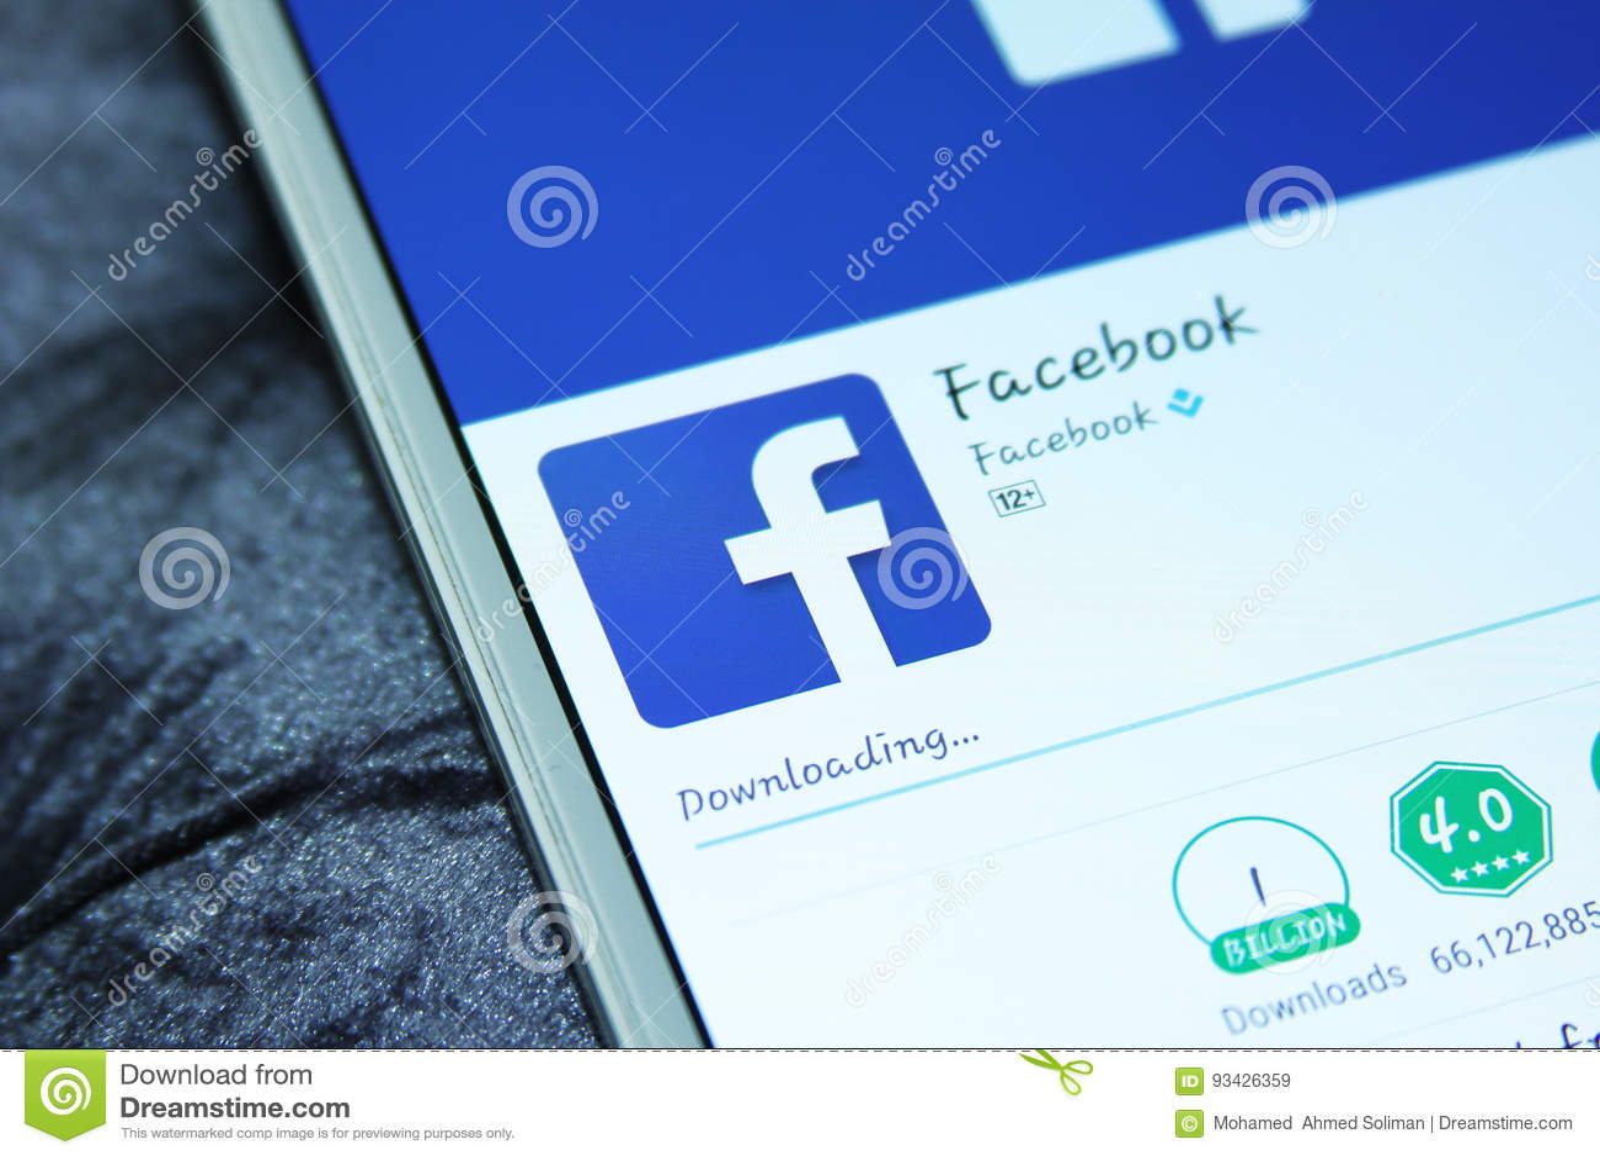 Facebook messenger for mobile | enspirer facebook.